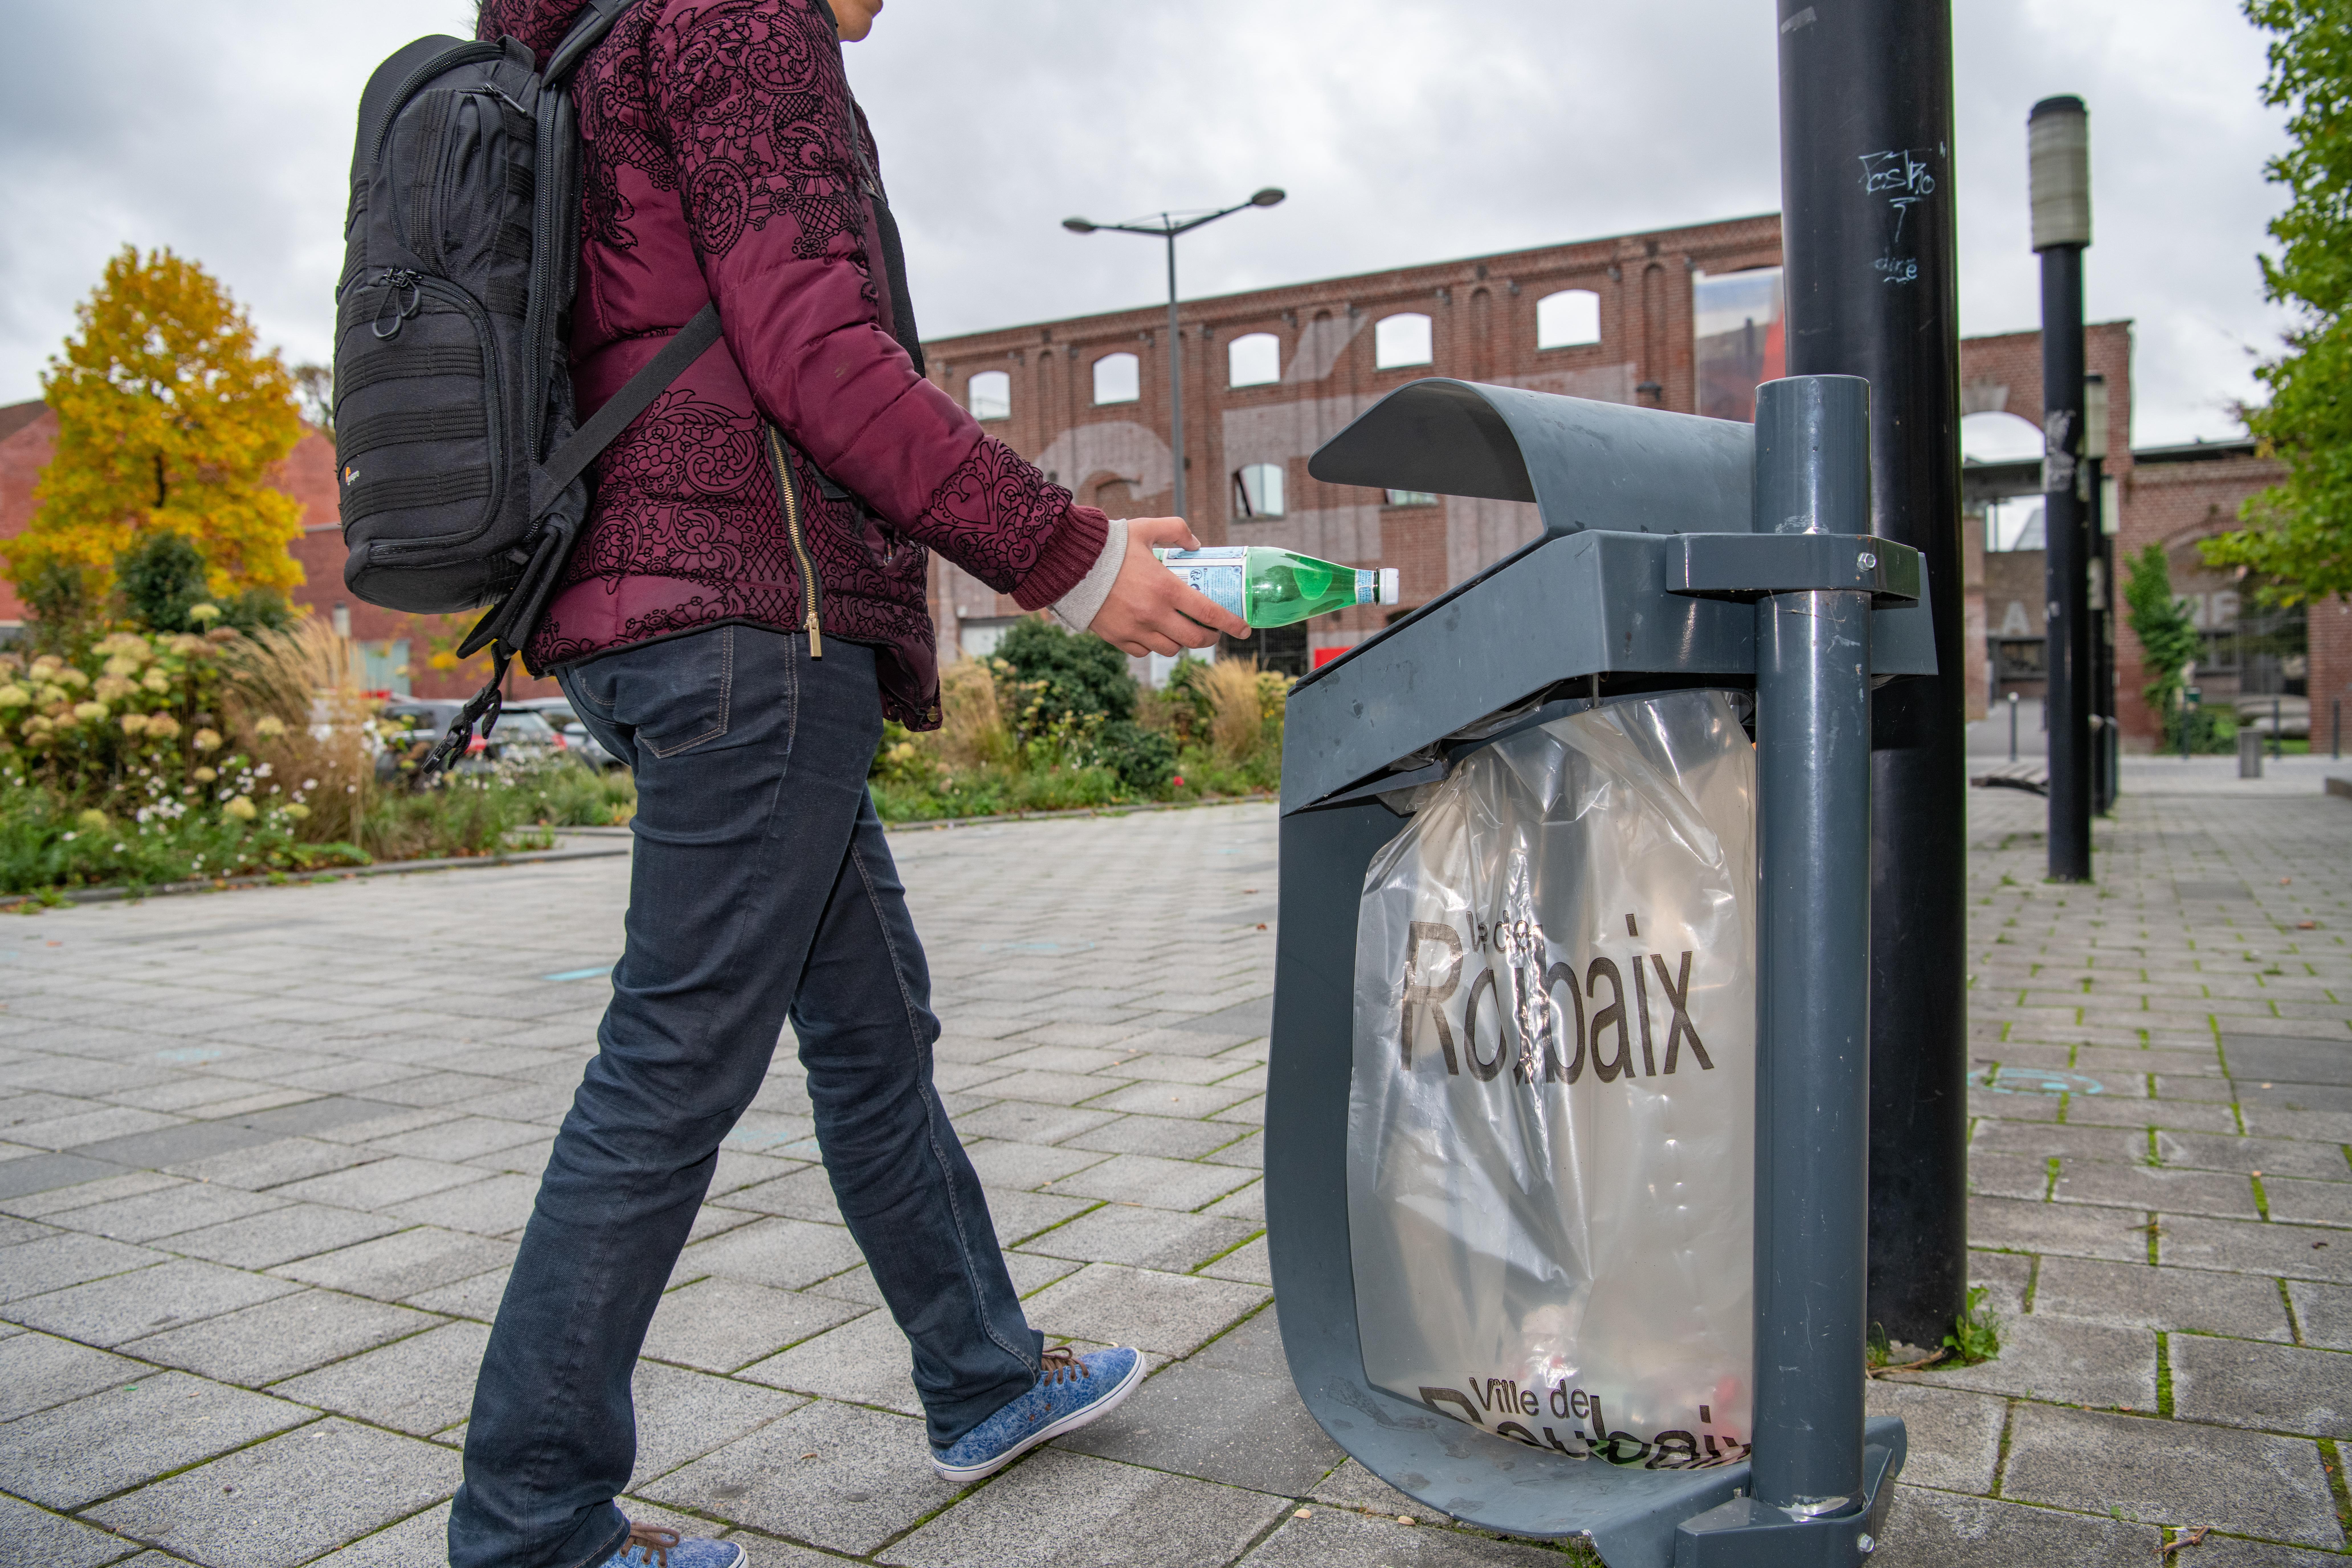 citoyen jetant une bouteille dans une poubelle publique